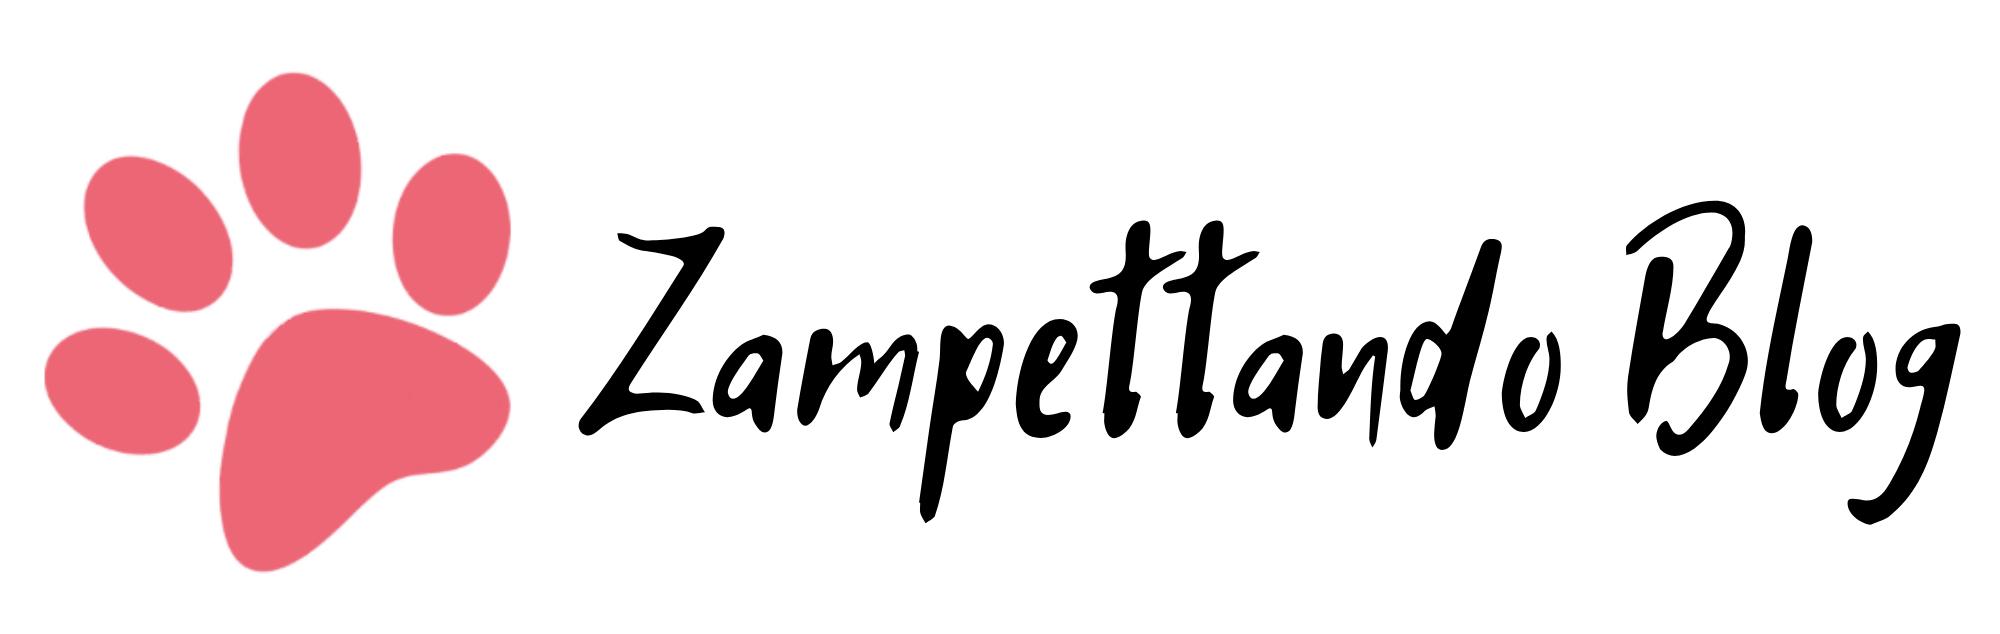 Zampettando Blog